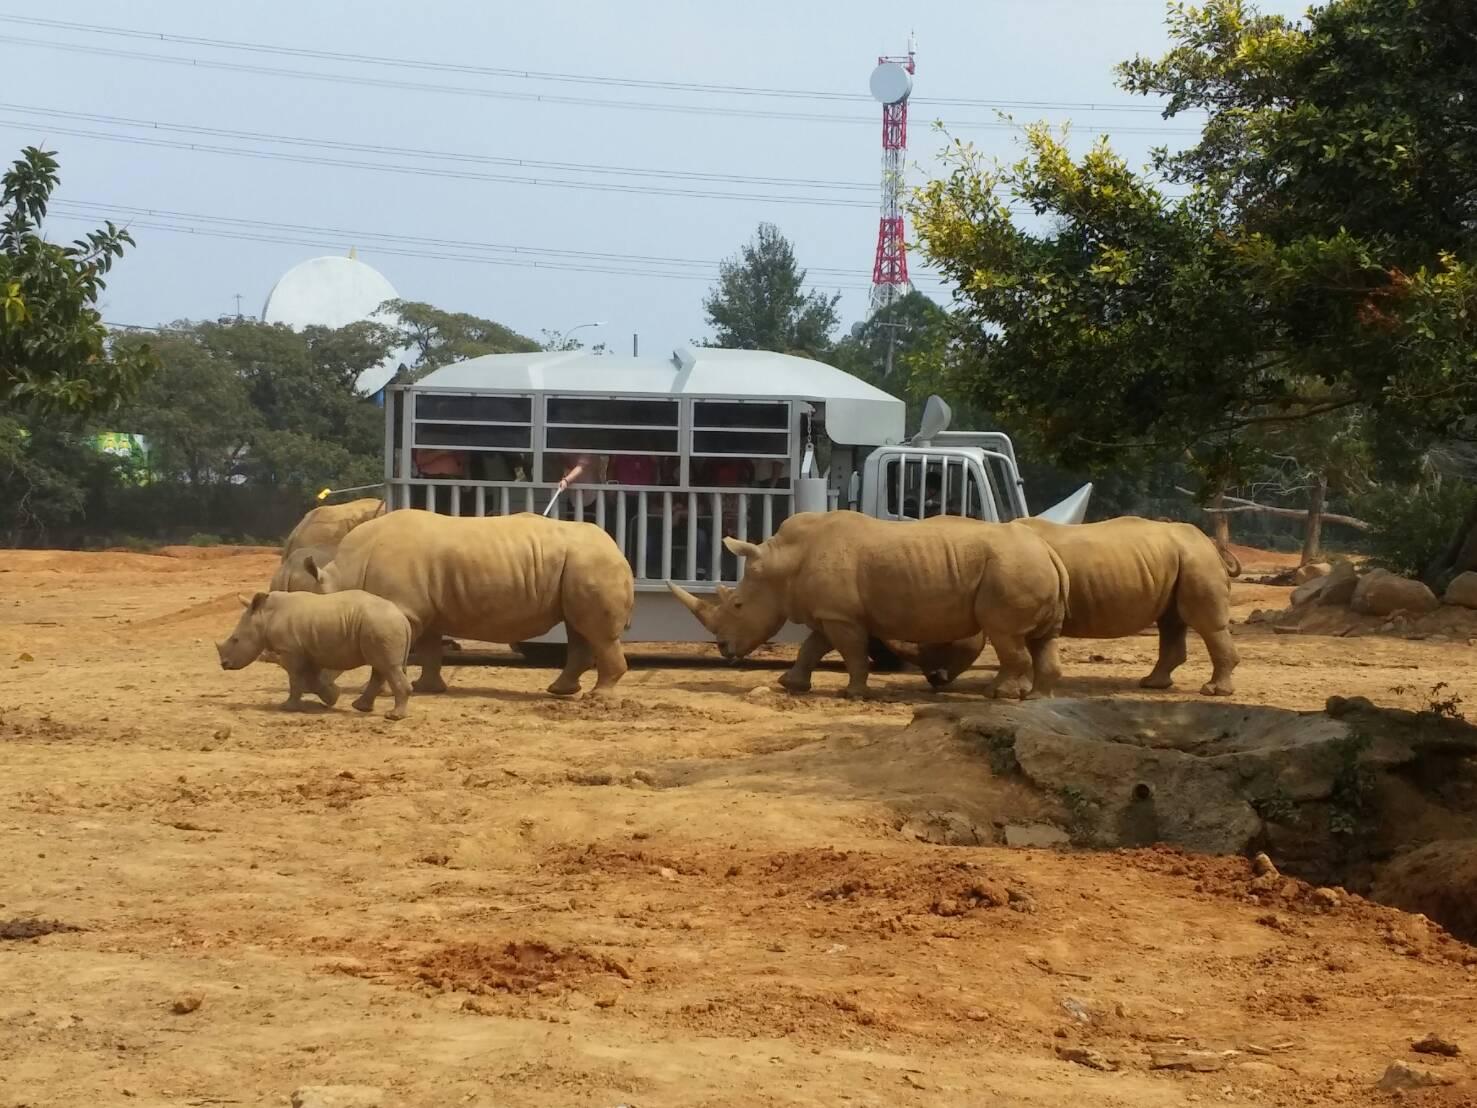 莊福文教基金會從1979年六福村主題遊樂園開幕迄今,積極投入白犀牛復育工作,園區現存19隻白犀牛,繁殖復育成果傲視亞洲。